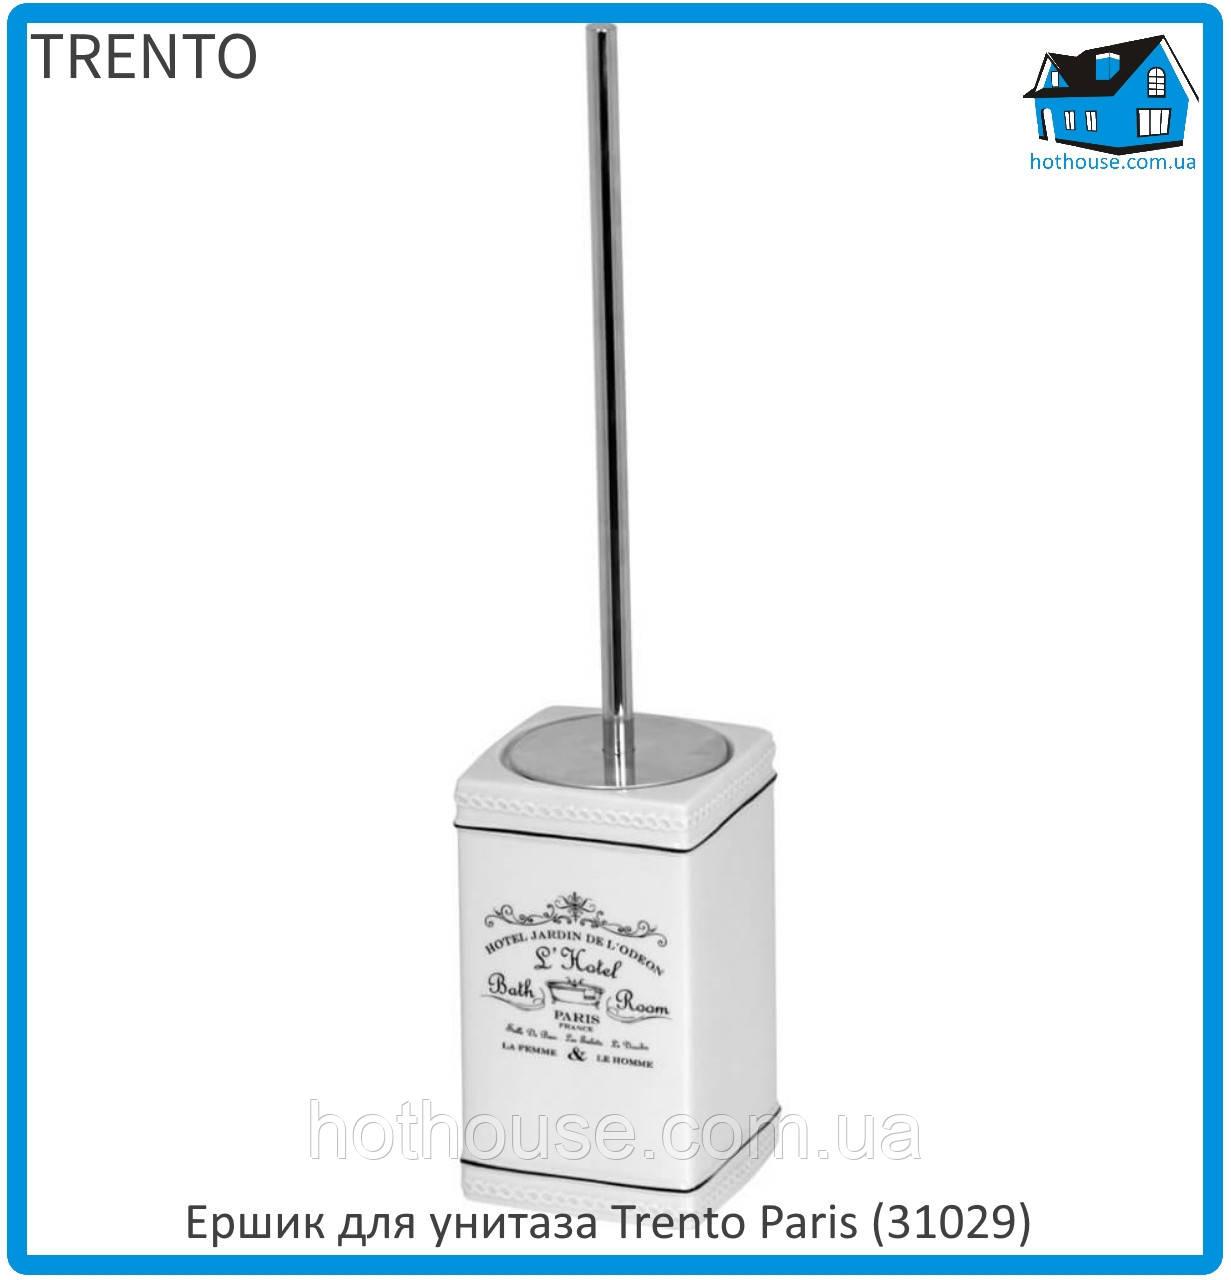 Йоршик для унітазу Trento Paris (31029)